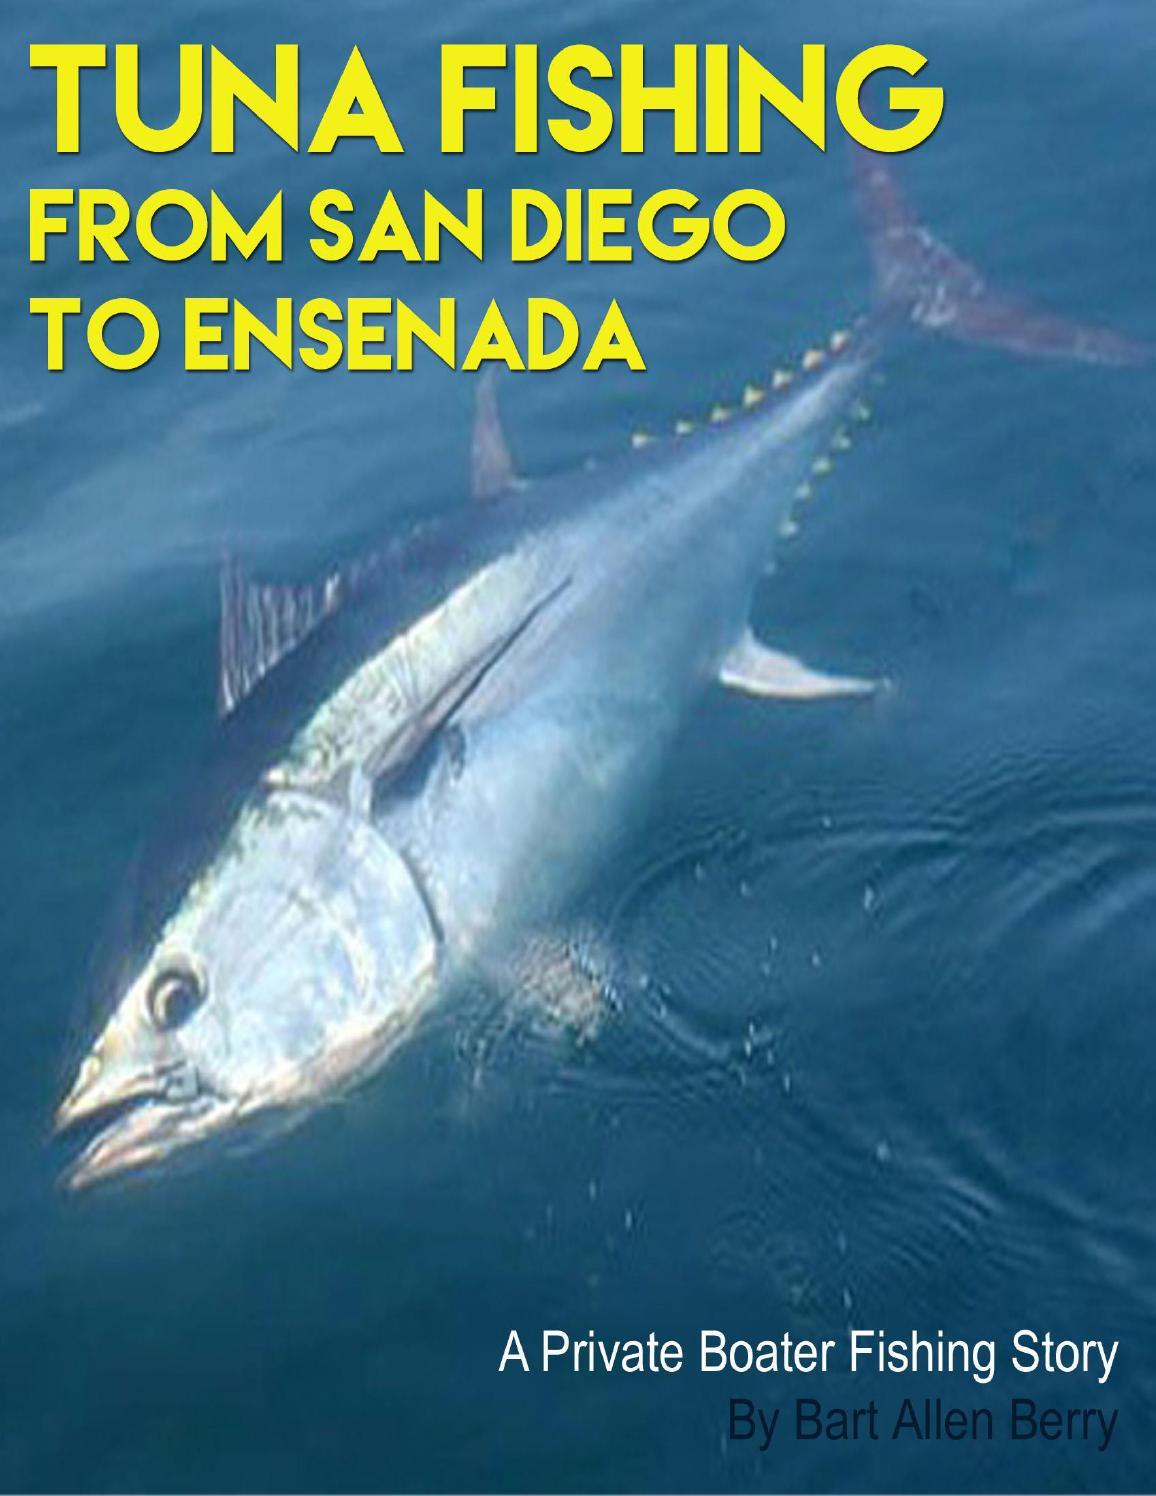 Tuna Fishing From San Diego To Ensenada By Bart Allen